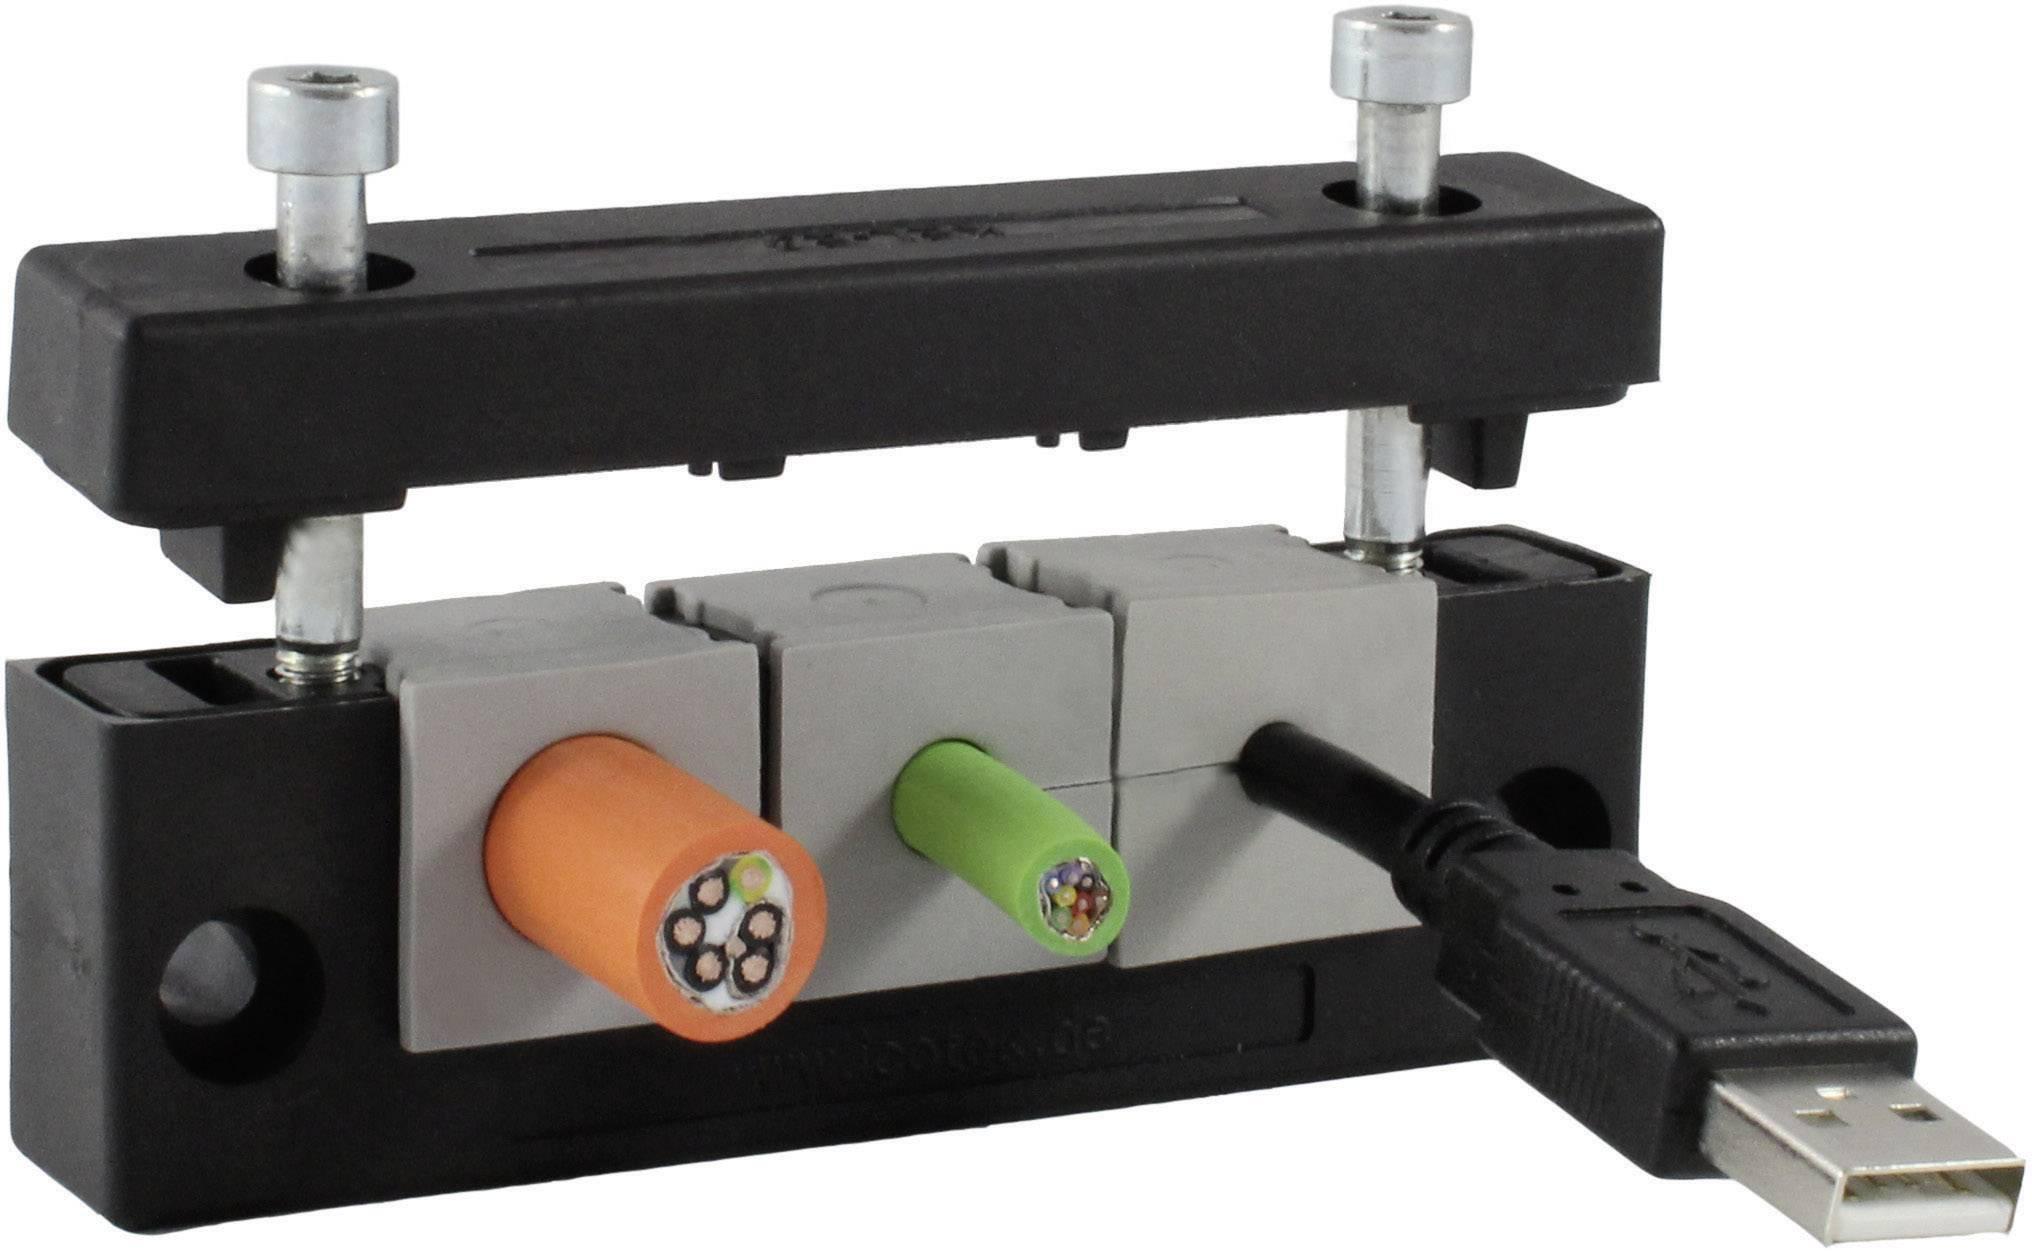 Icotek Letev za prehod kablov KEL-E KEL-E4 za kabel- maks. 17 mm, poliamid, črna